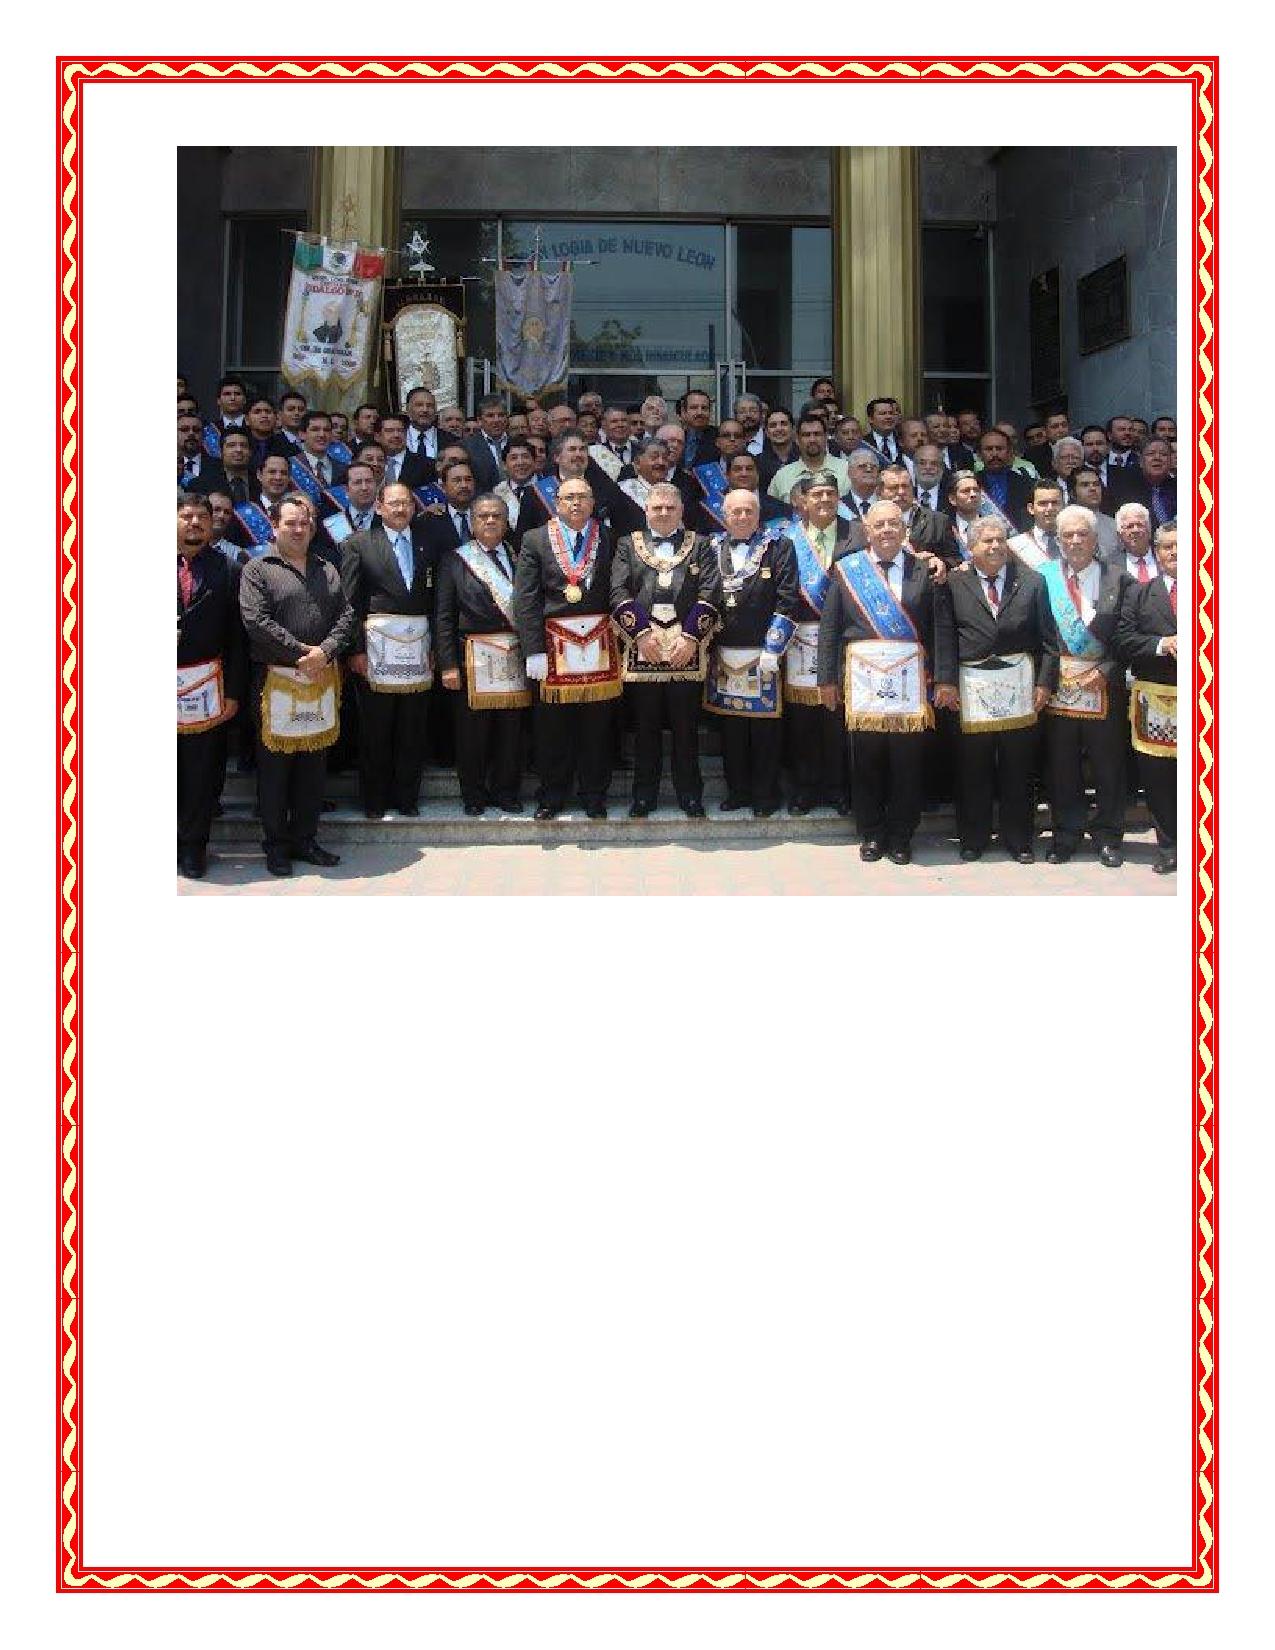 PRESENTACION  DE CONSEJO SUPREMO para pdf-page0013